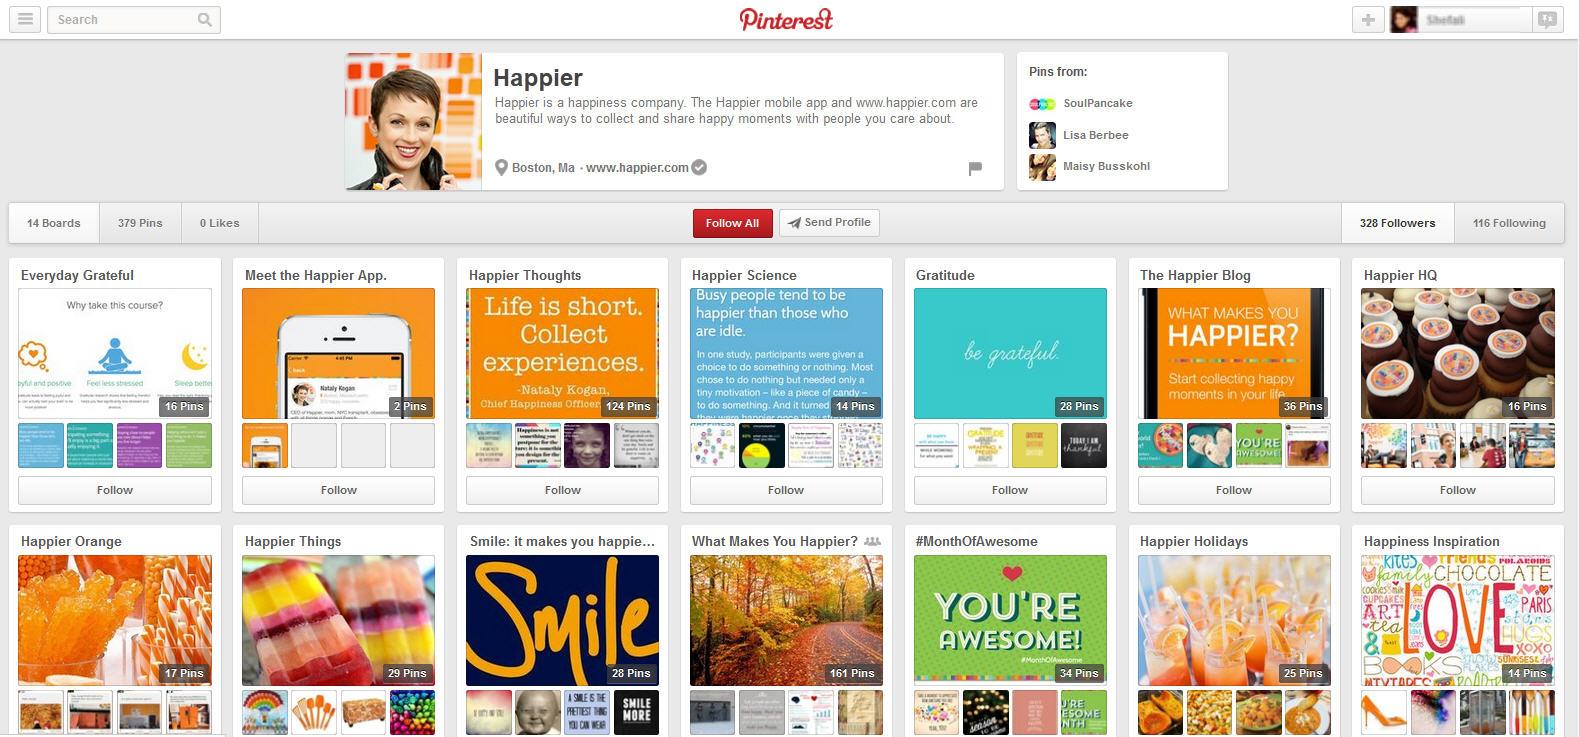 pinterest marketing of mobile app